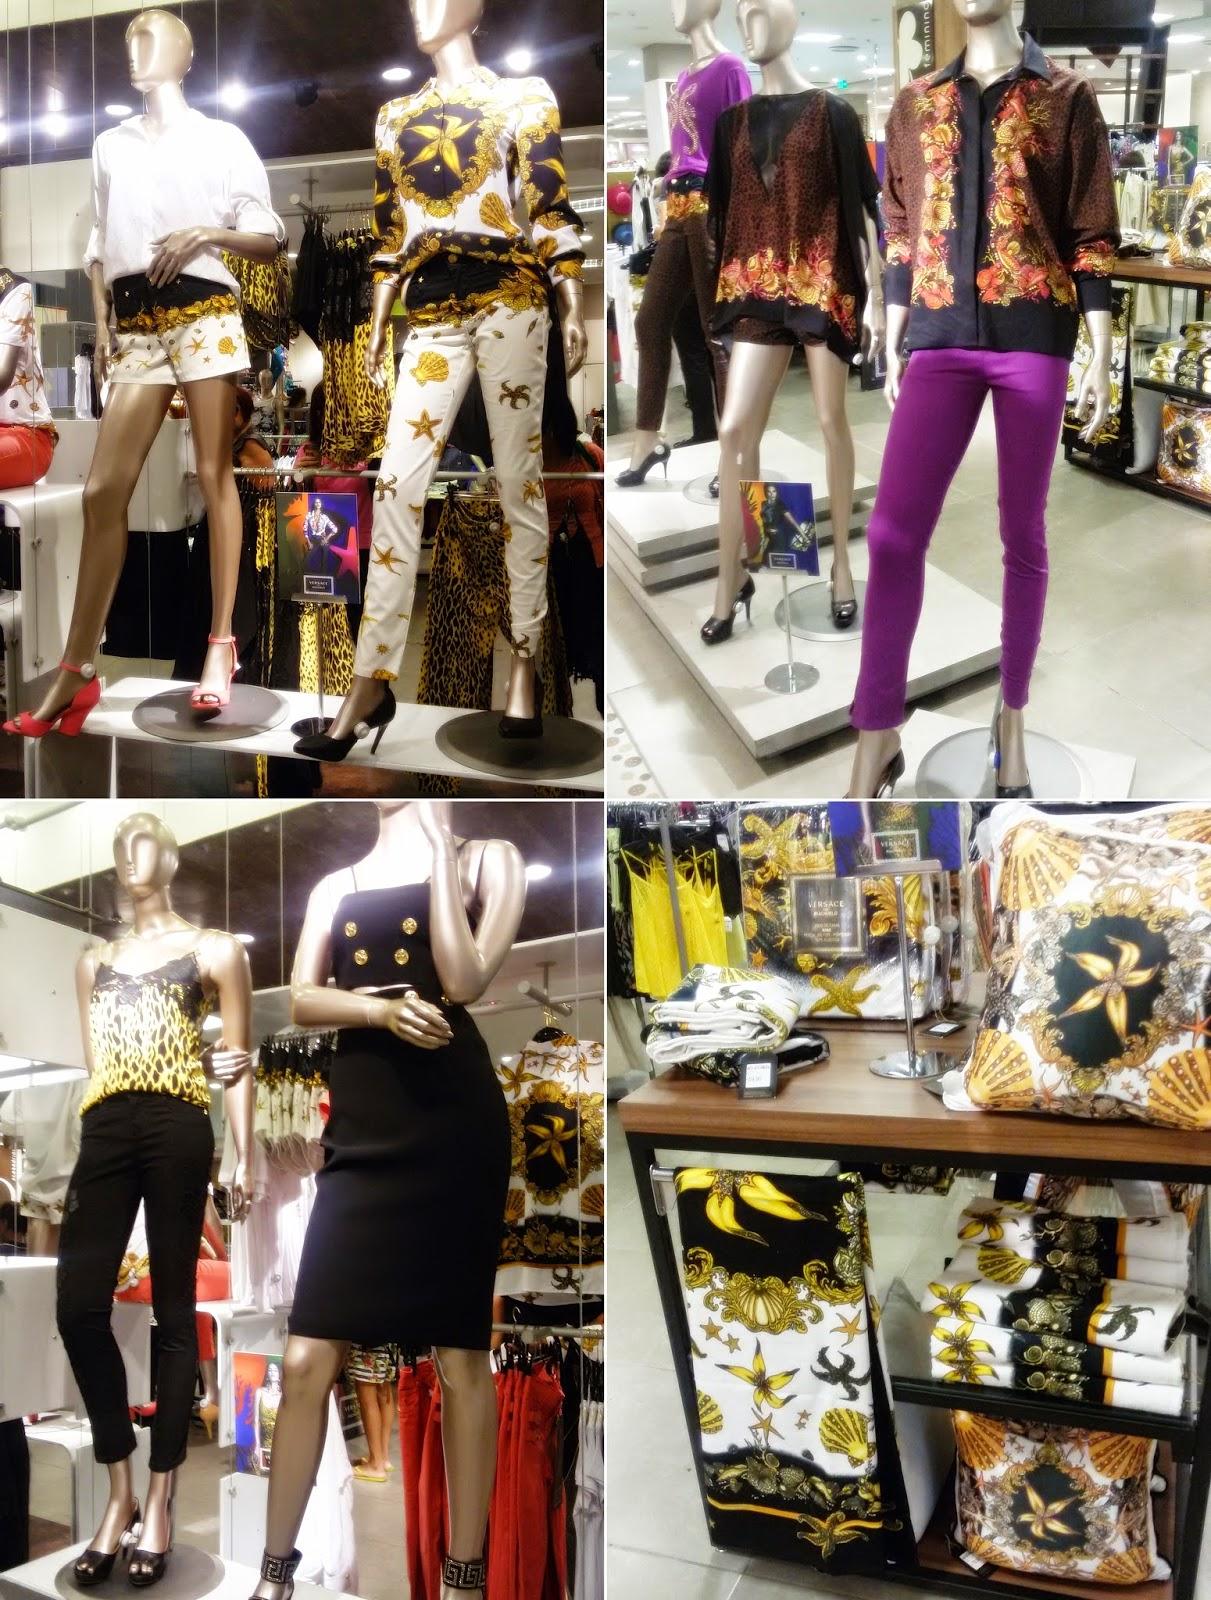 Vocês já devem estar cansadas de ouvir falar sobre a nova parceria da Riachuelo com a marca super conceituada no mundo da moda a Versace ( Só para quem pode). Fui conferir a coleção a convite da Riachuelo  do Shopping Barra- Salvador Ba e tirei algumas fotos dos looks que mais gostei.